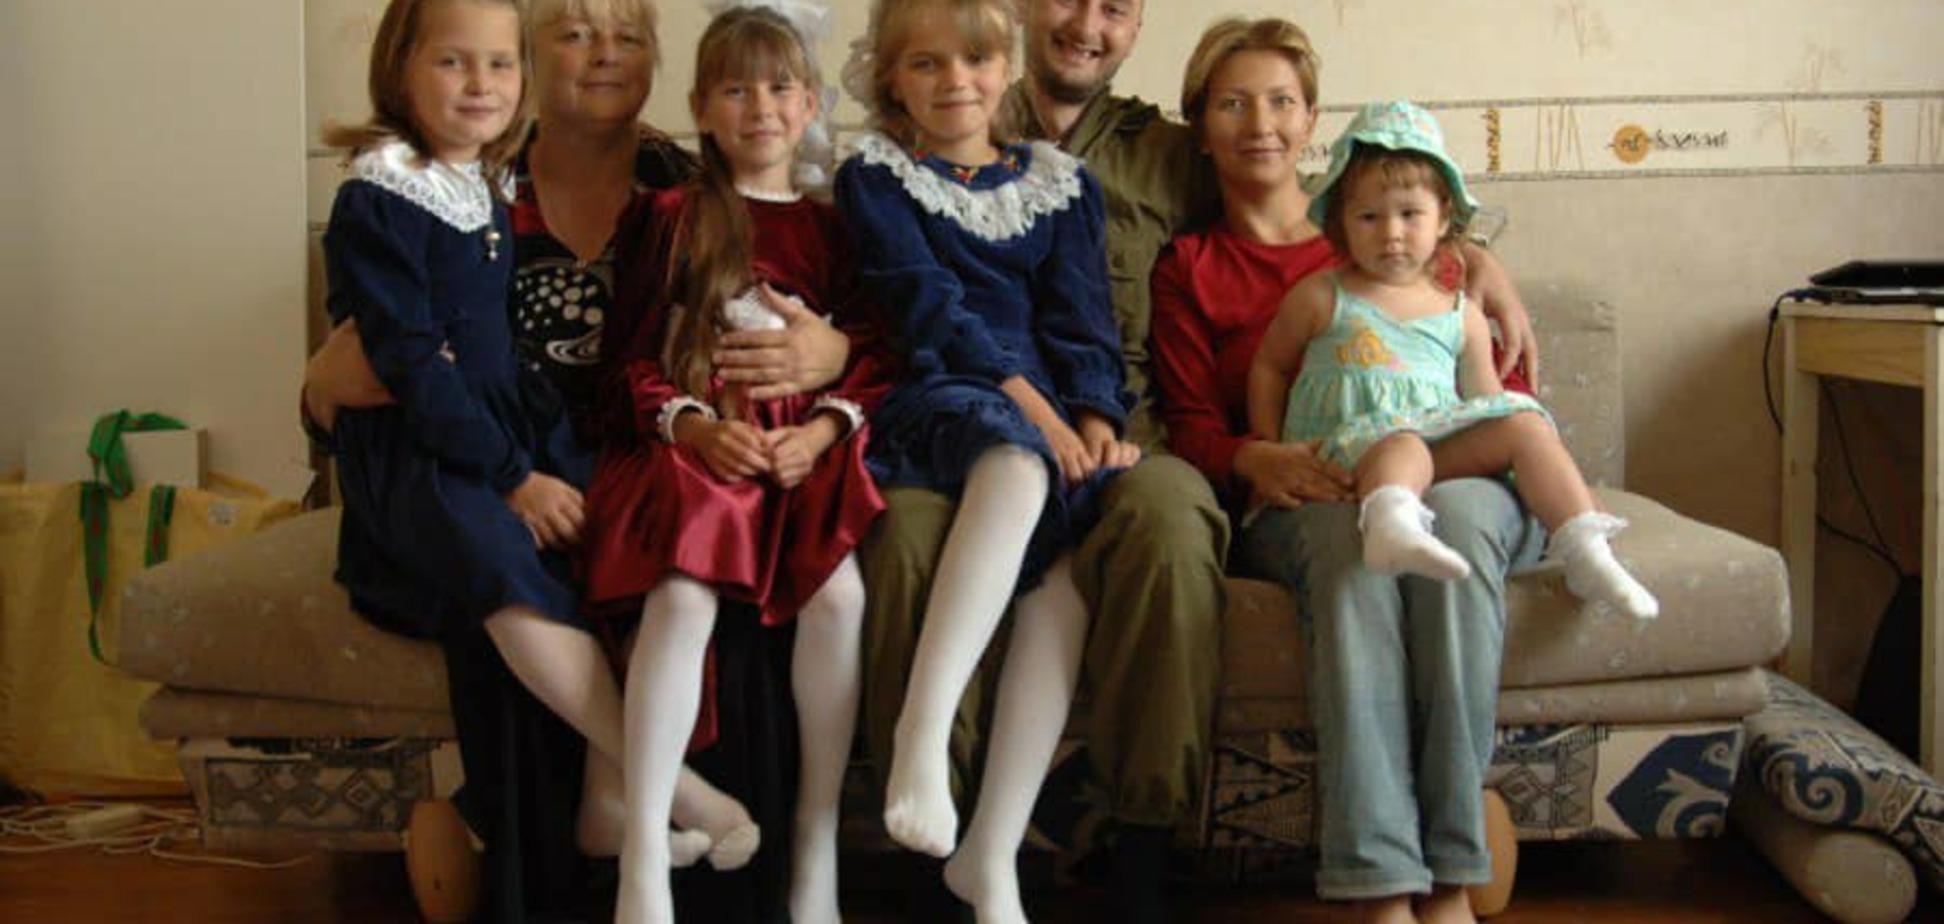 Шестеро дітей втратили батька: спливла невідома інформація про сім'ю Бабченка